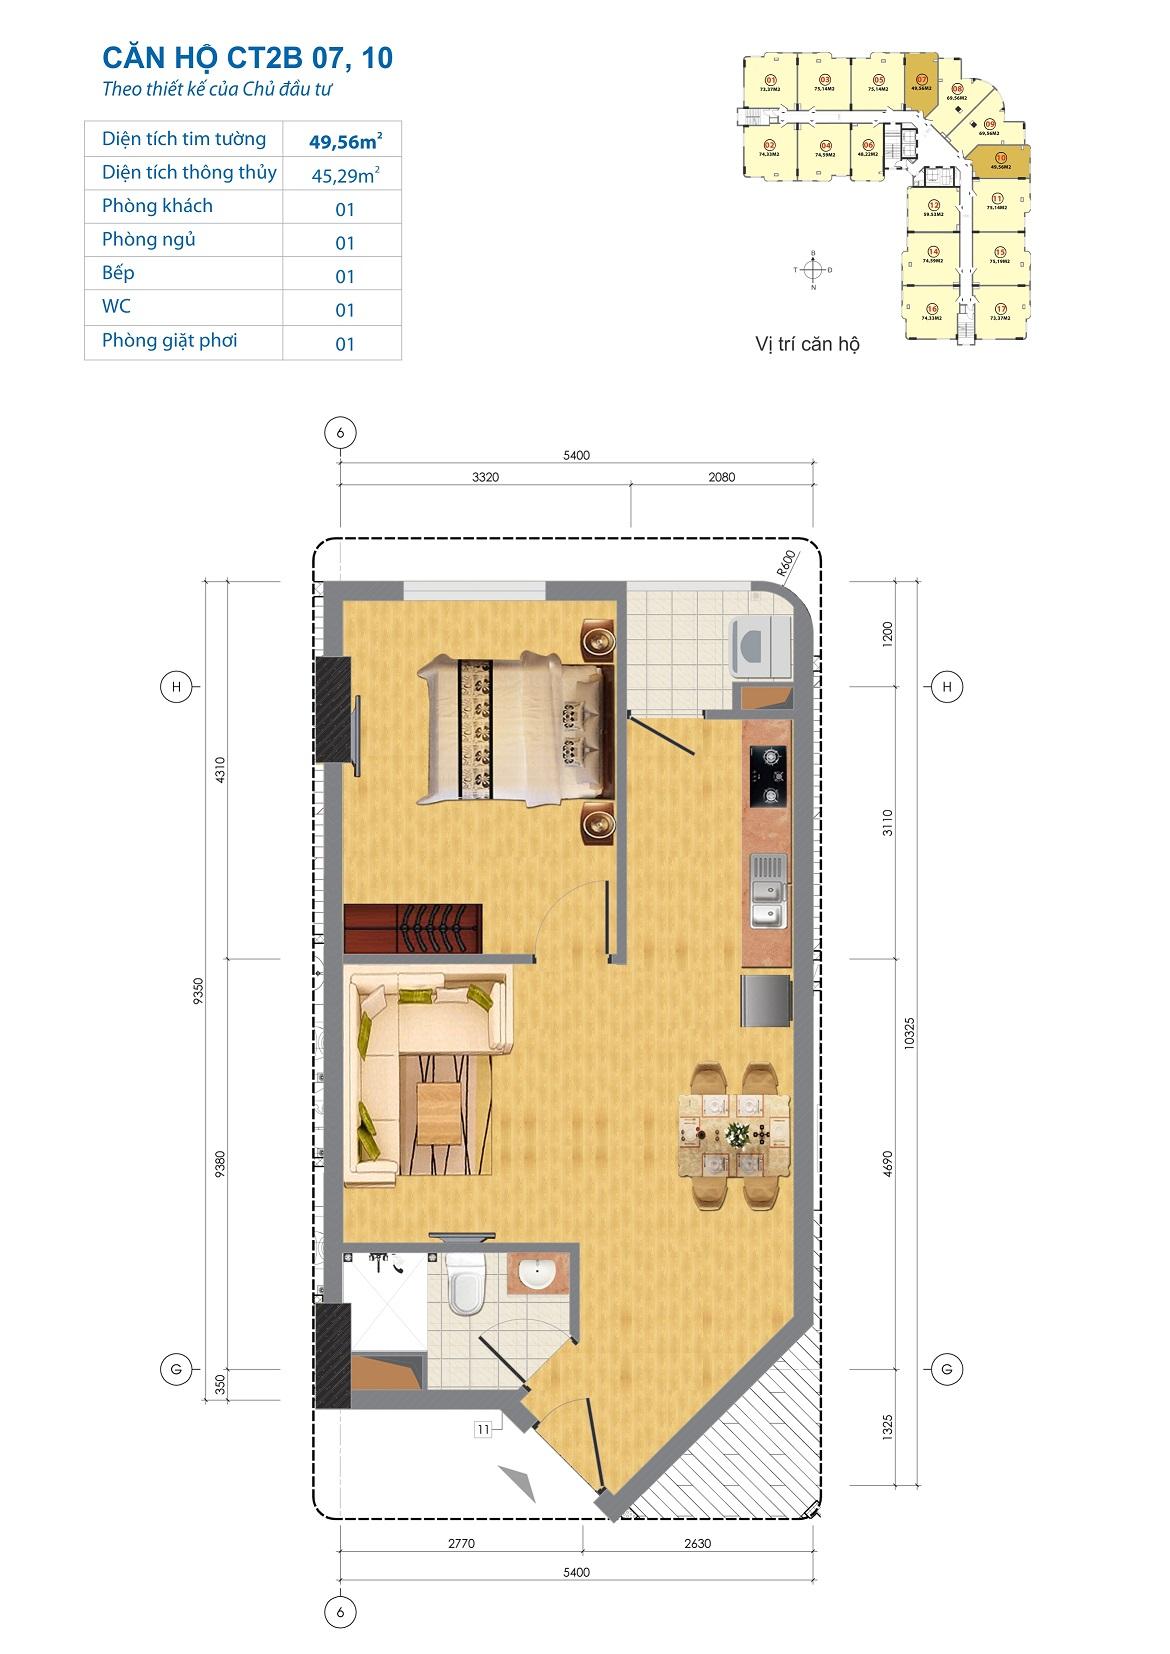 Thiết kế căn hộ CT2B 07, 10 Chung cư CT2B Ngĩa Đô